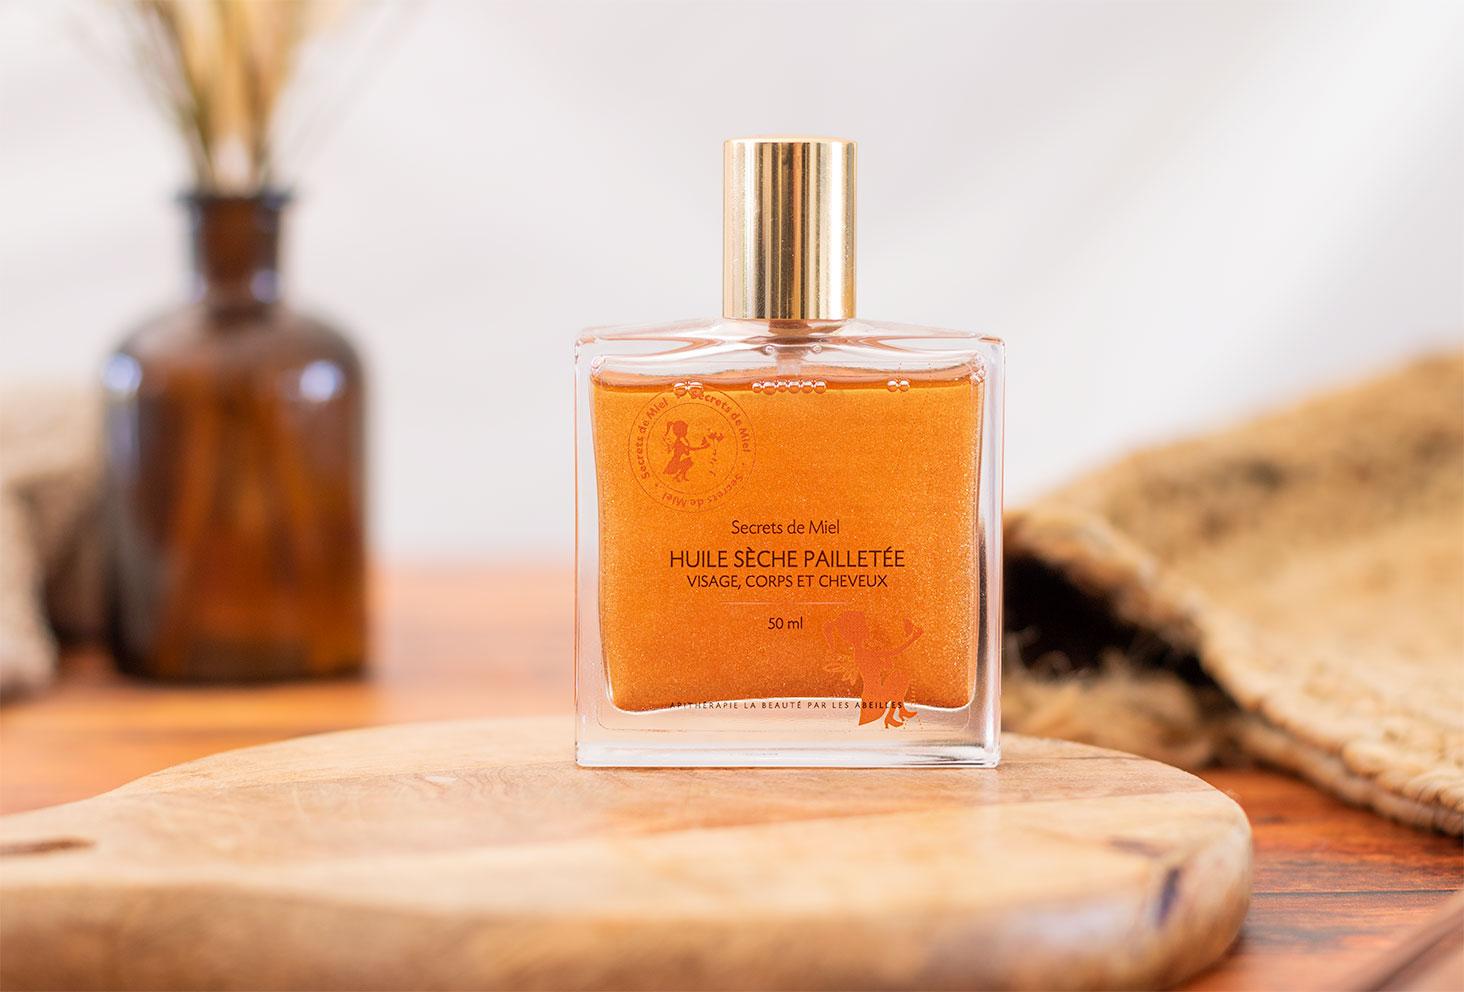 Zoom sur le packaging en verre de l'huile sèche pailletée visage, corps et cheveux, de la marque Secrets de Miel posée sur un planche à découper en bois ronde